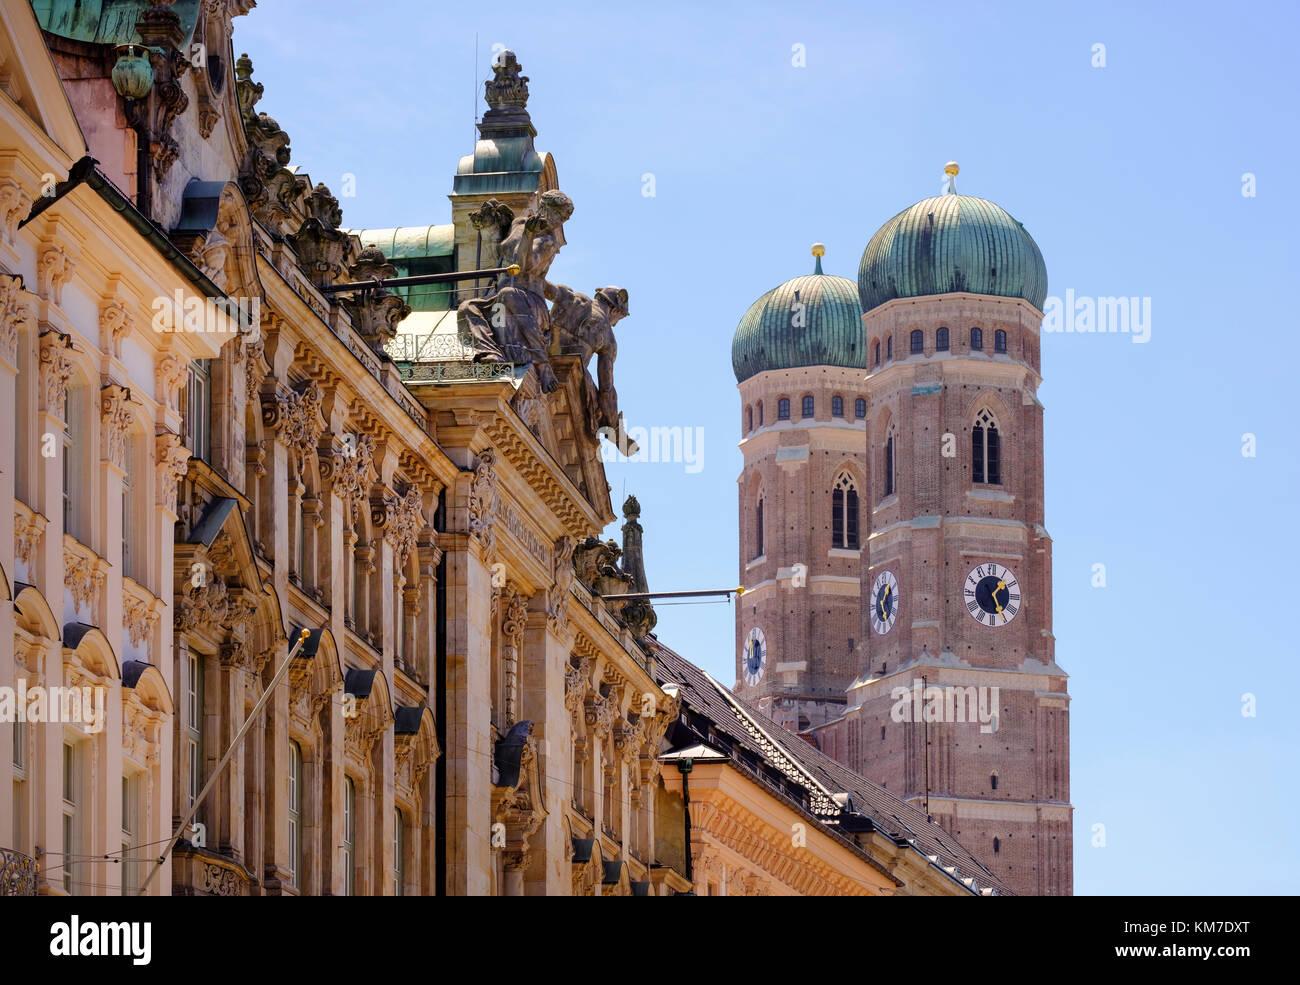 Fassaden in Kardinal-Faulhaber-Straße, Frauenkirche, Dom, Altstadt, München, Oberbayern, Bayern, Deutschland Stock Photo